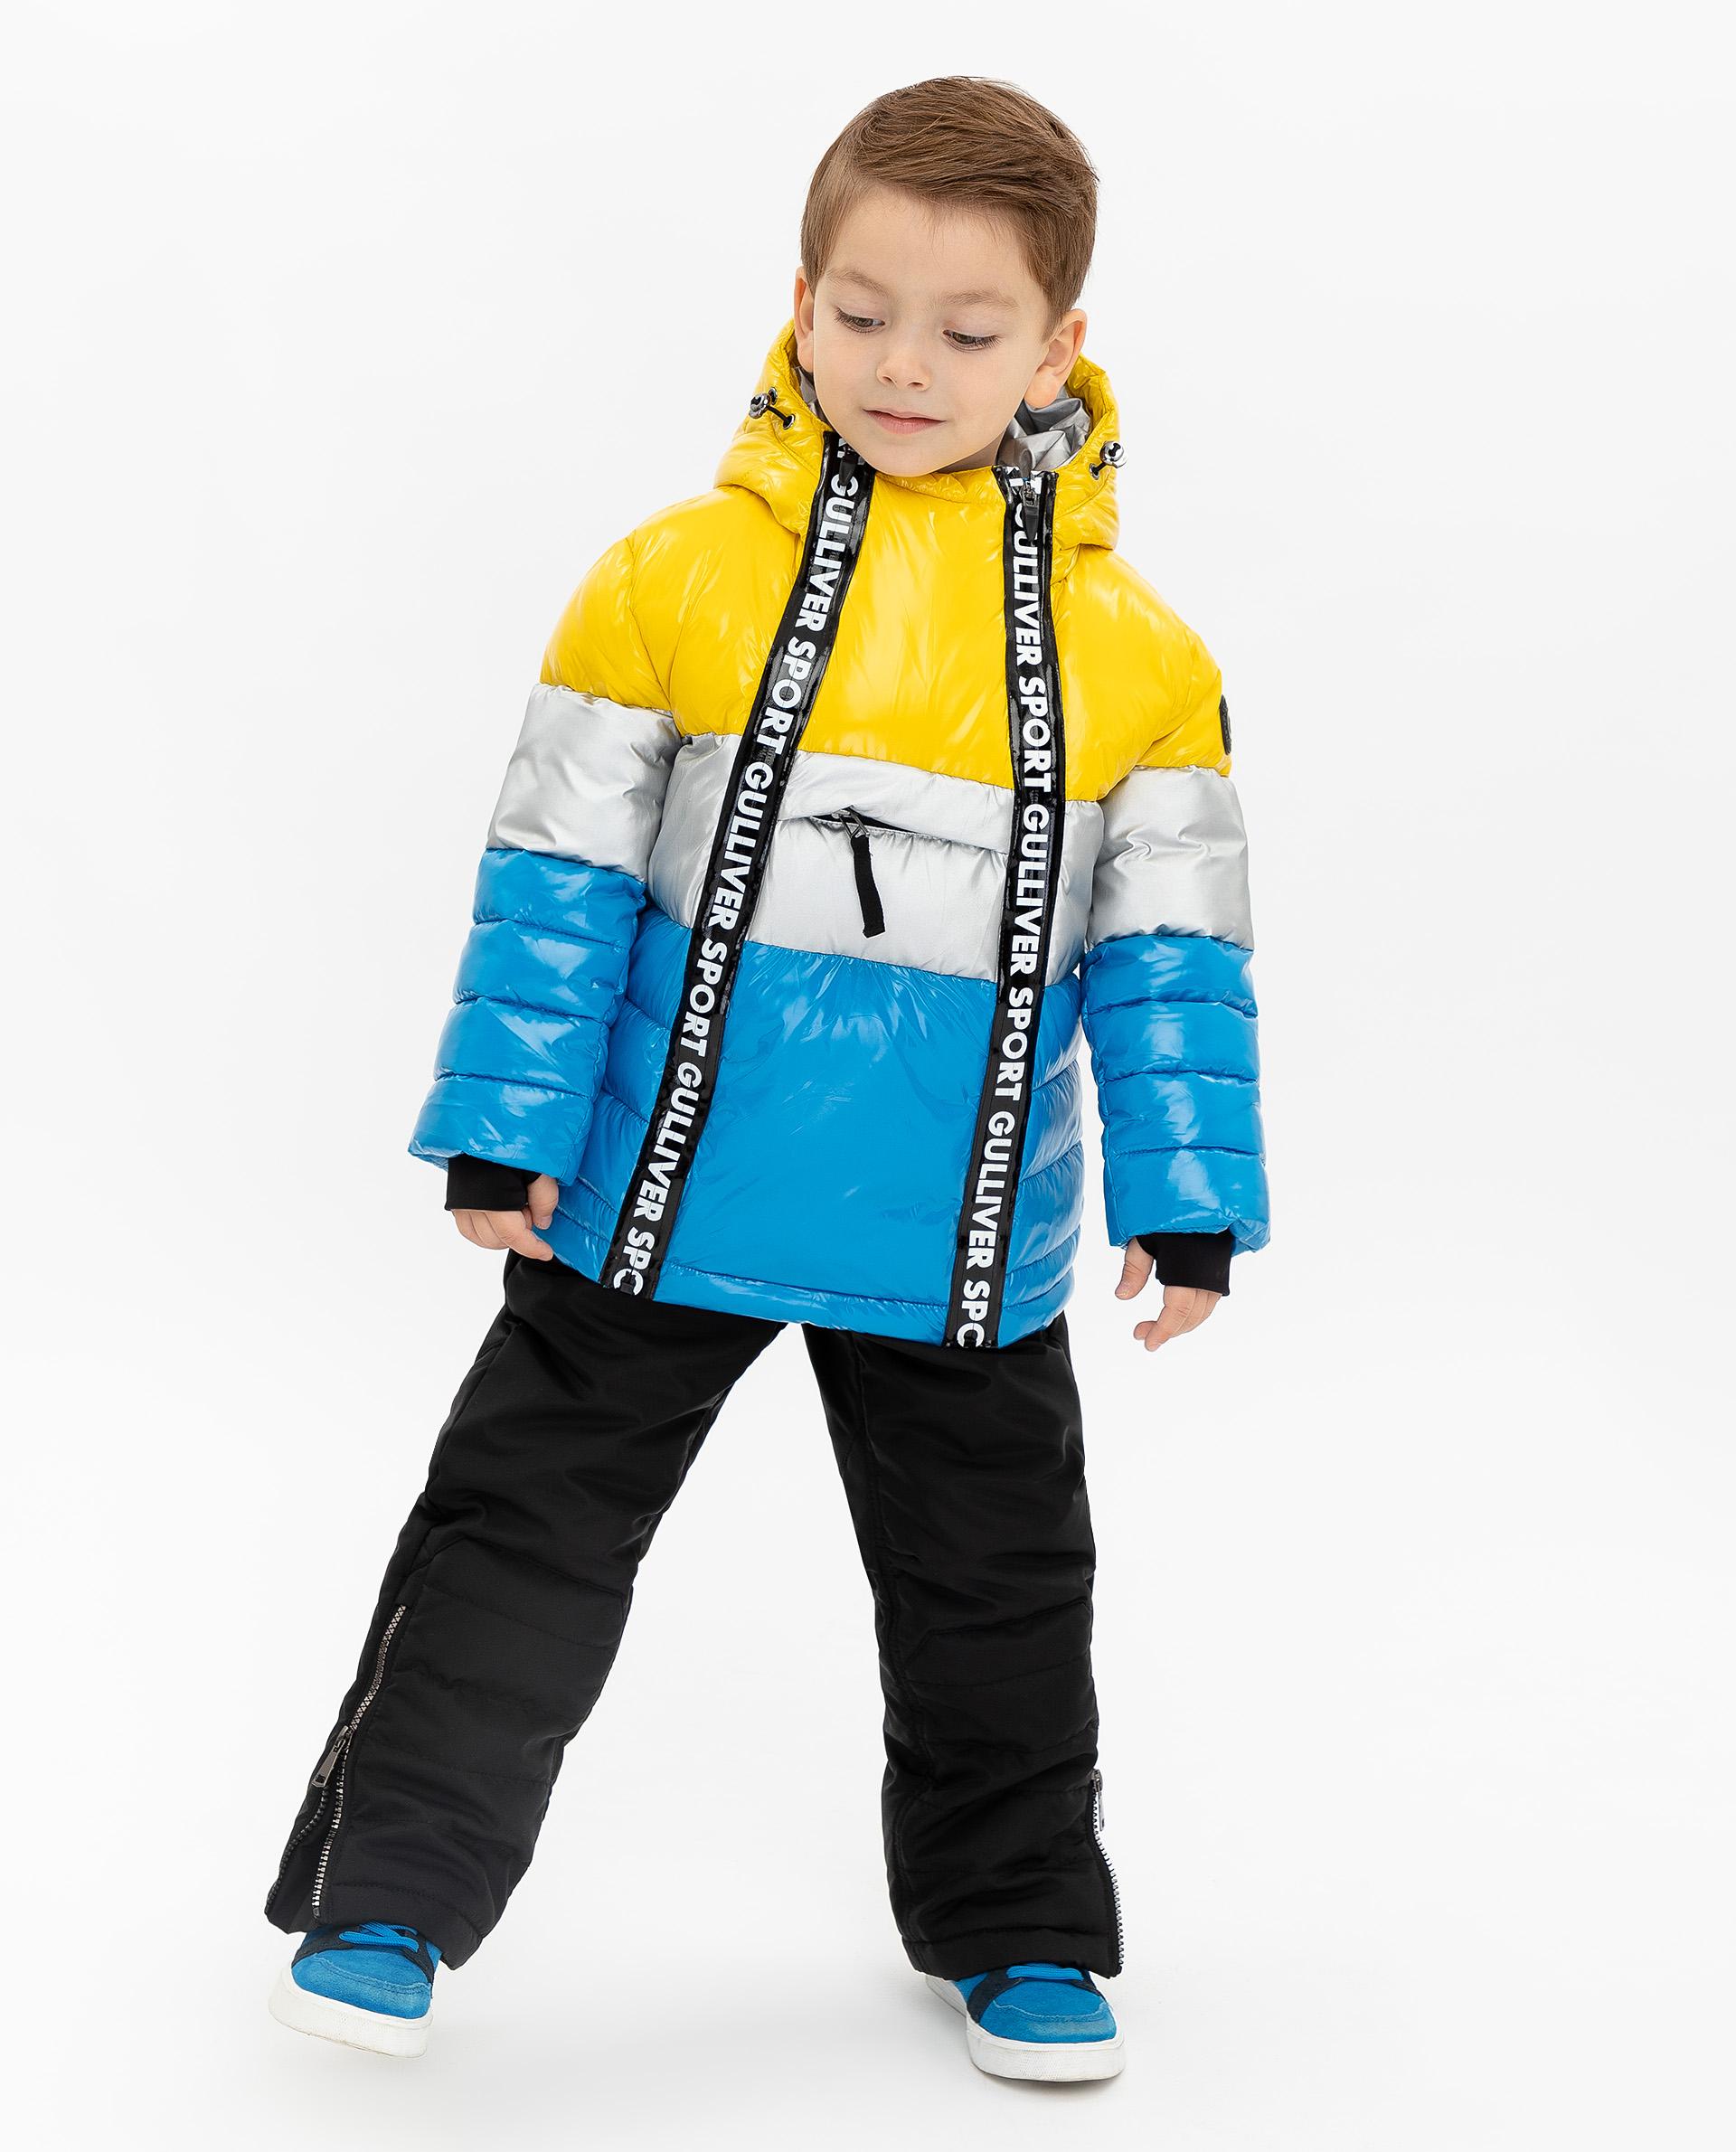 Купить 219FBC4101, Зимняя куртка Gulliver, желтый, 104, Мужской, ОСЕНЬ/ЗИМА 2019-2020 (shop: GulliverMarket Gulliver Market)